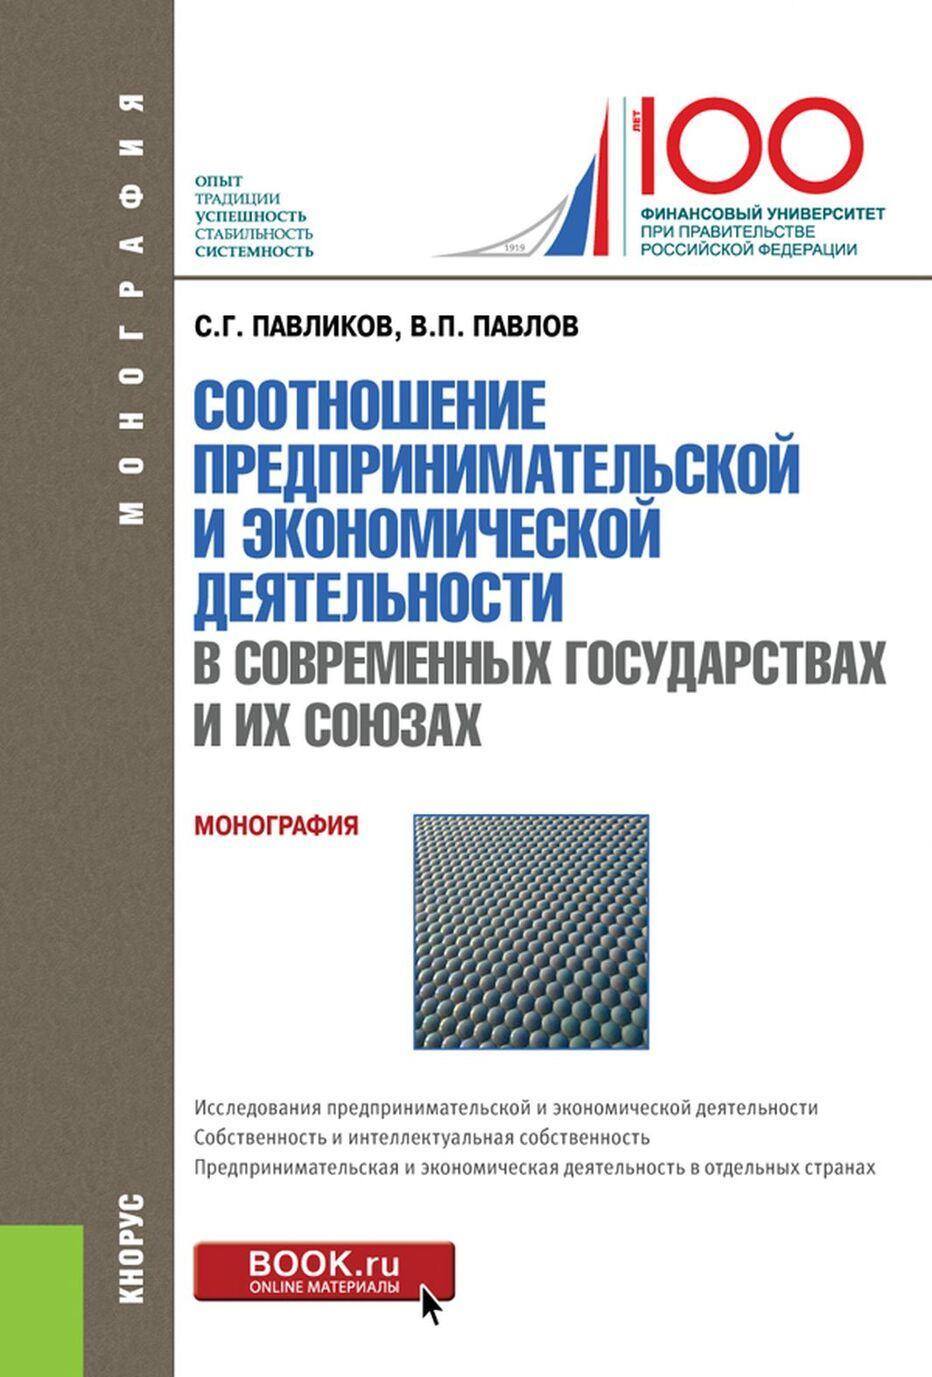 Sootnoshenie predprinimatelskoj i ekonomicheskoj dejatelnost v sovremennykh gosudarstvakh i ikh sojuzakh